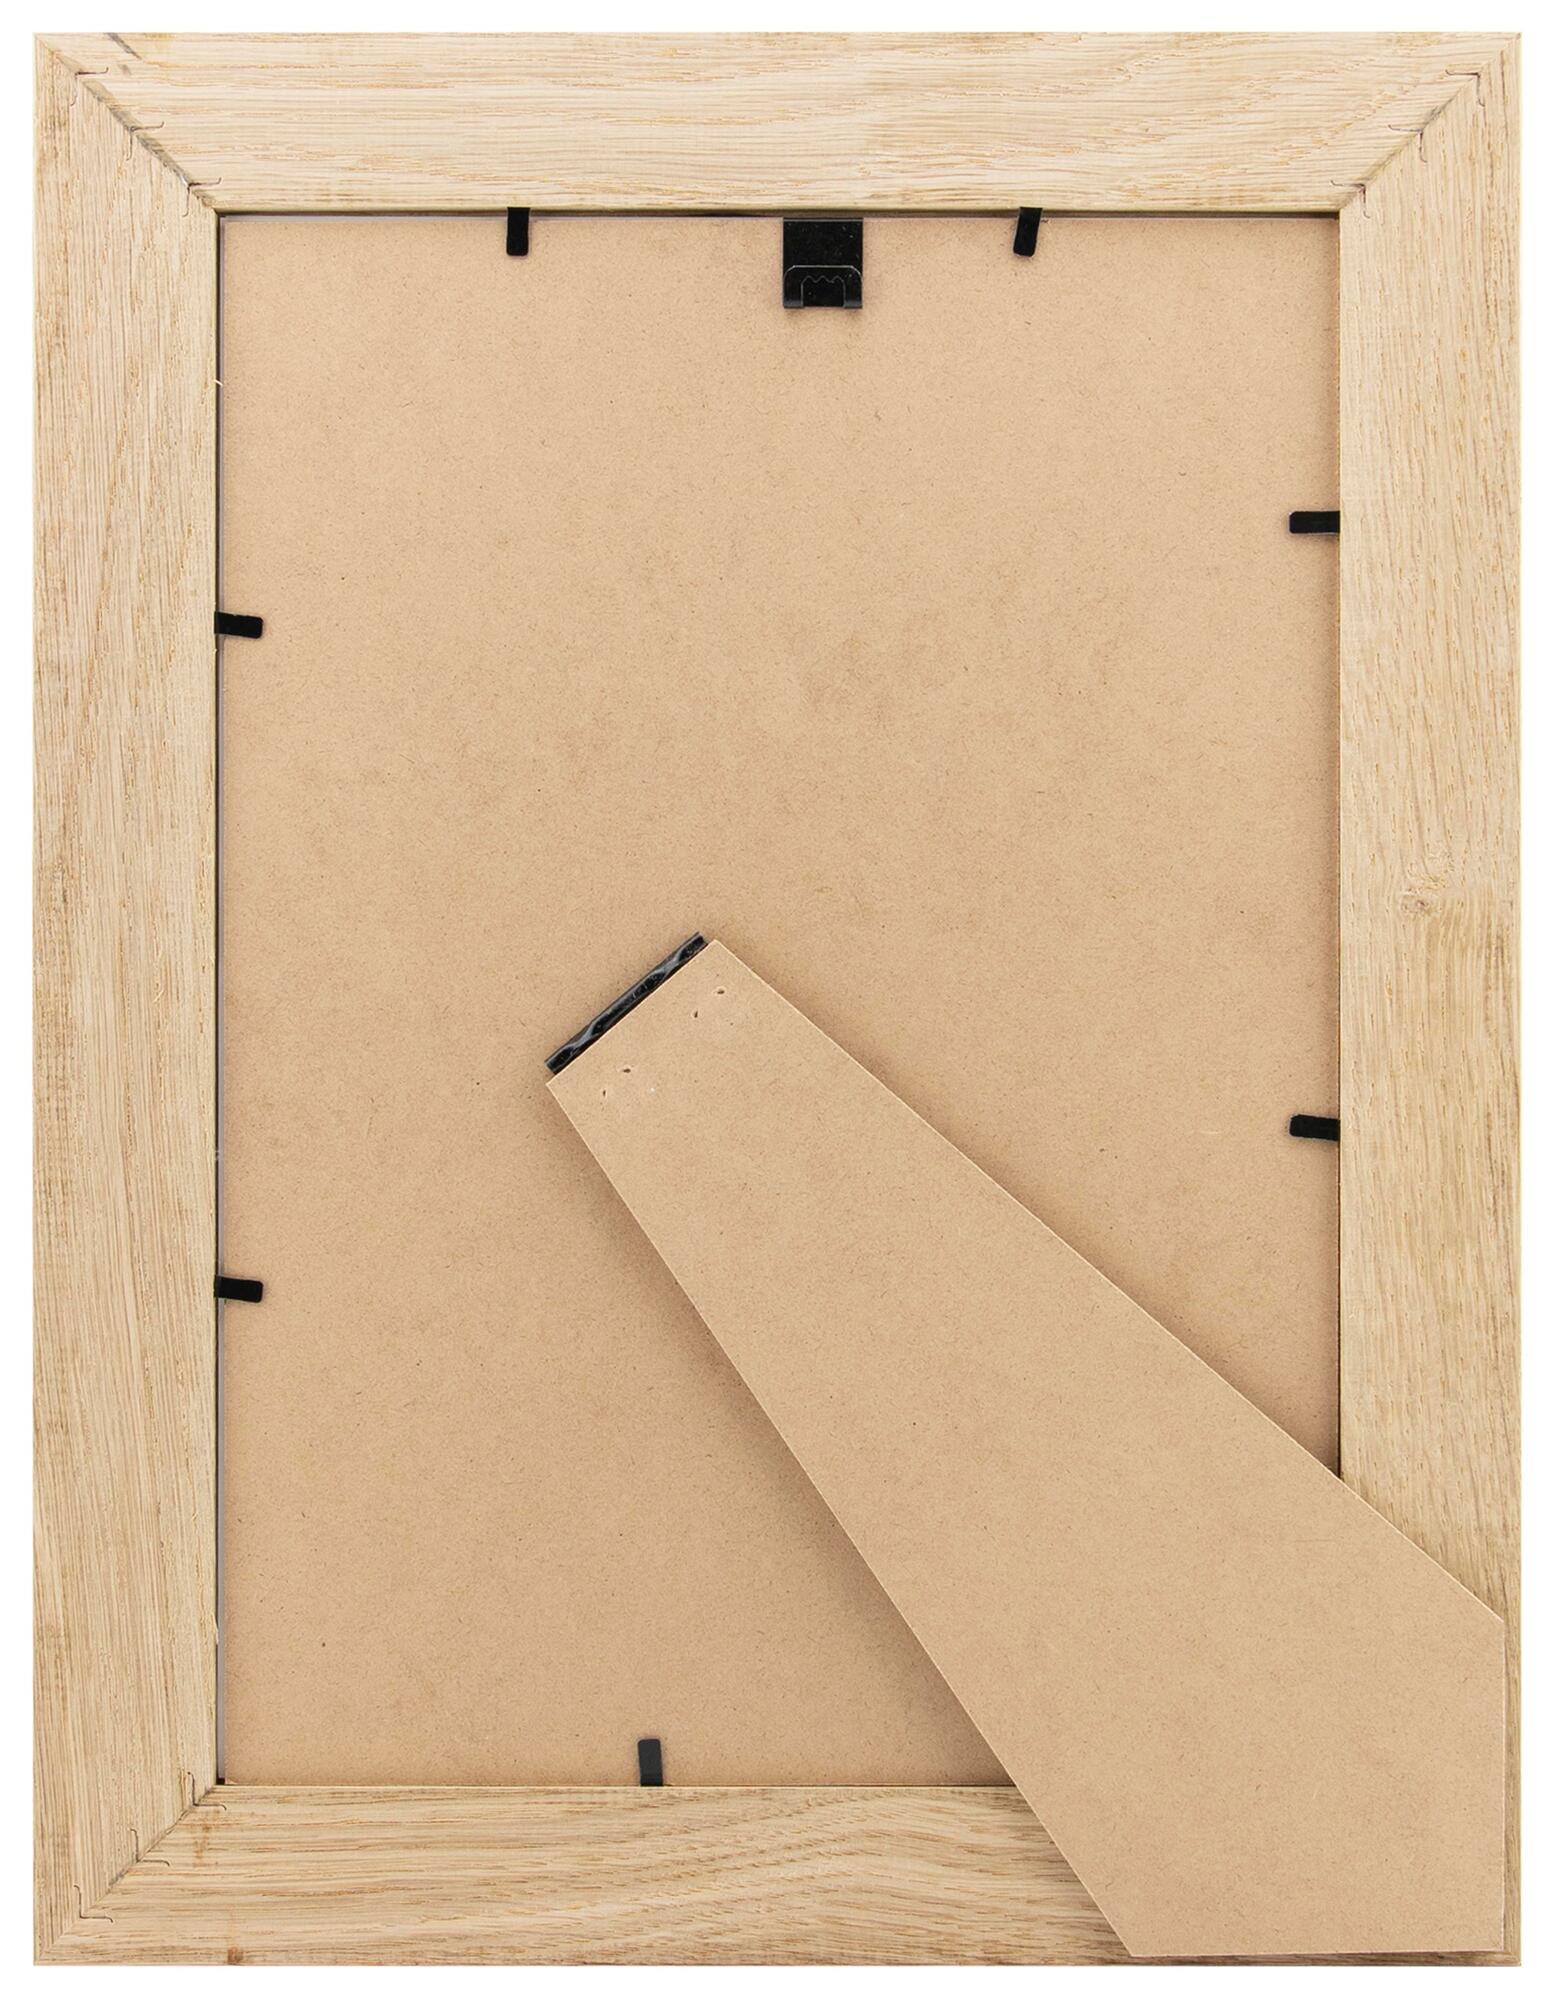 Cornice con passe-partout Inspire nakato rovere 21x29.7 cm - 9